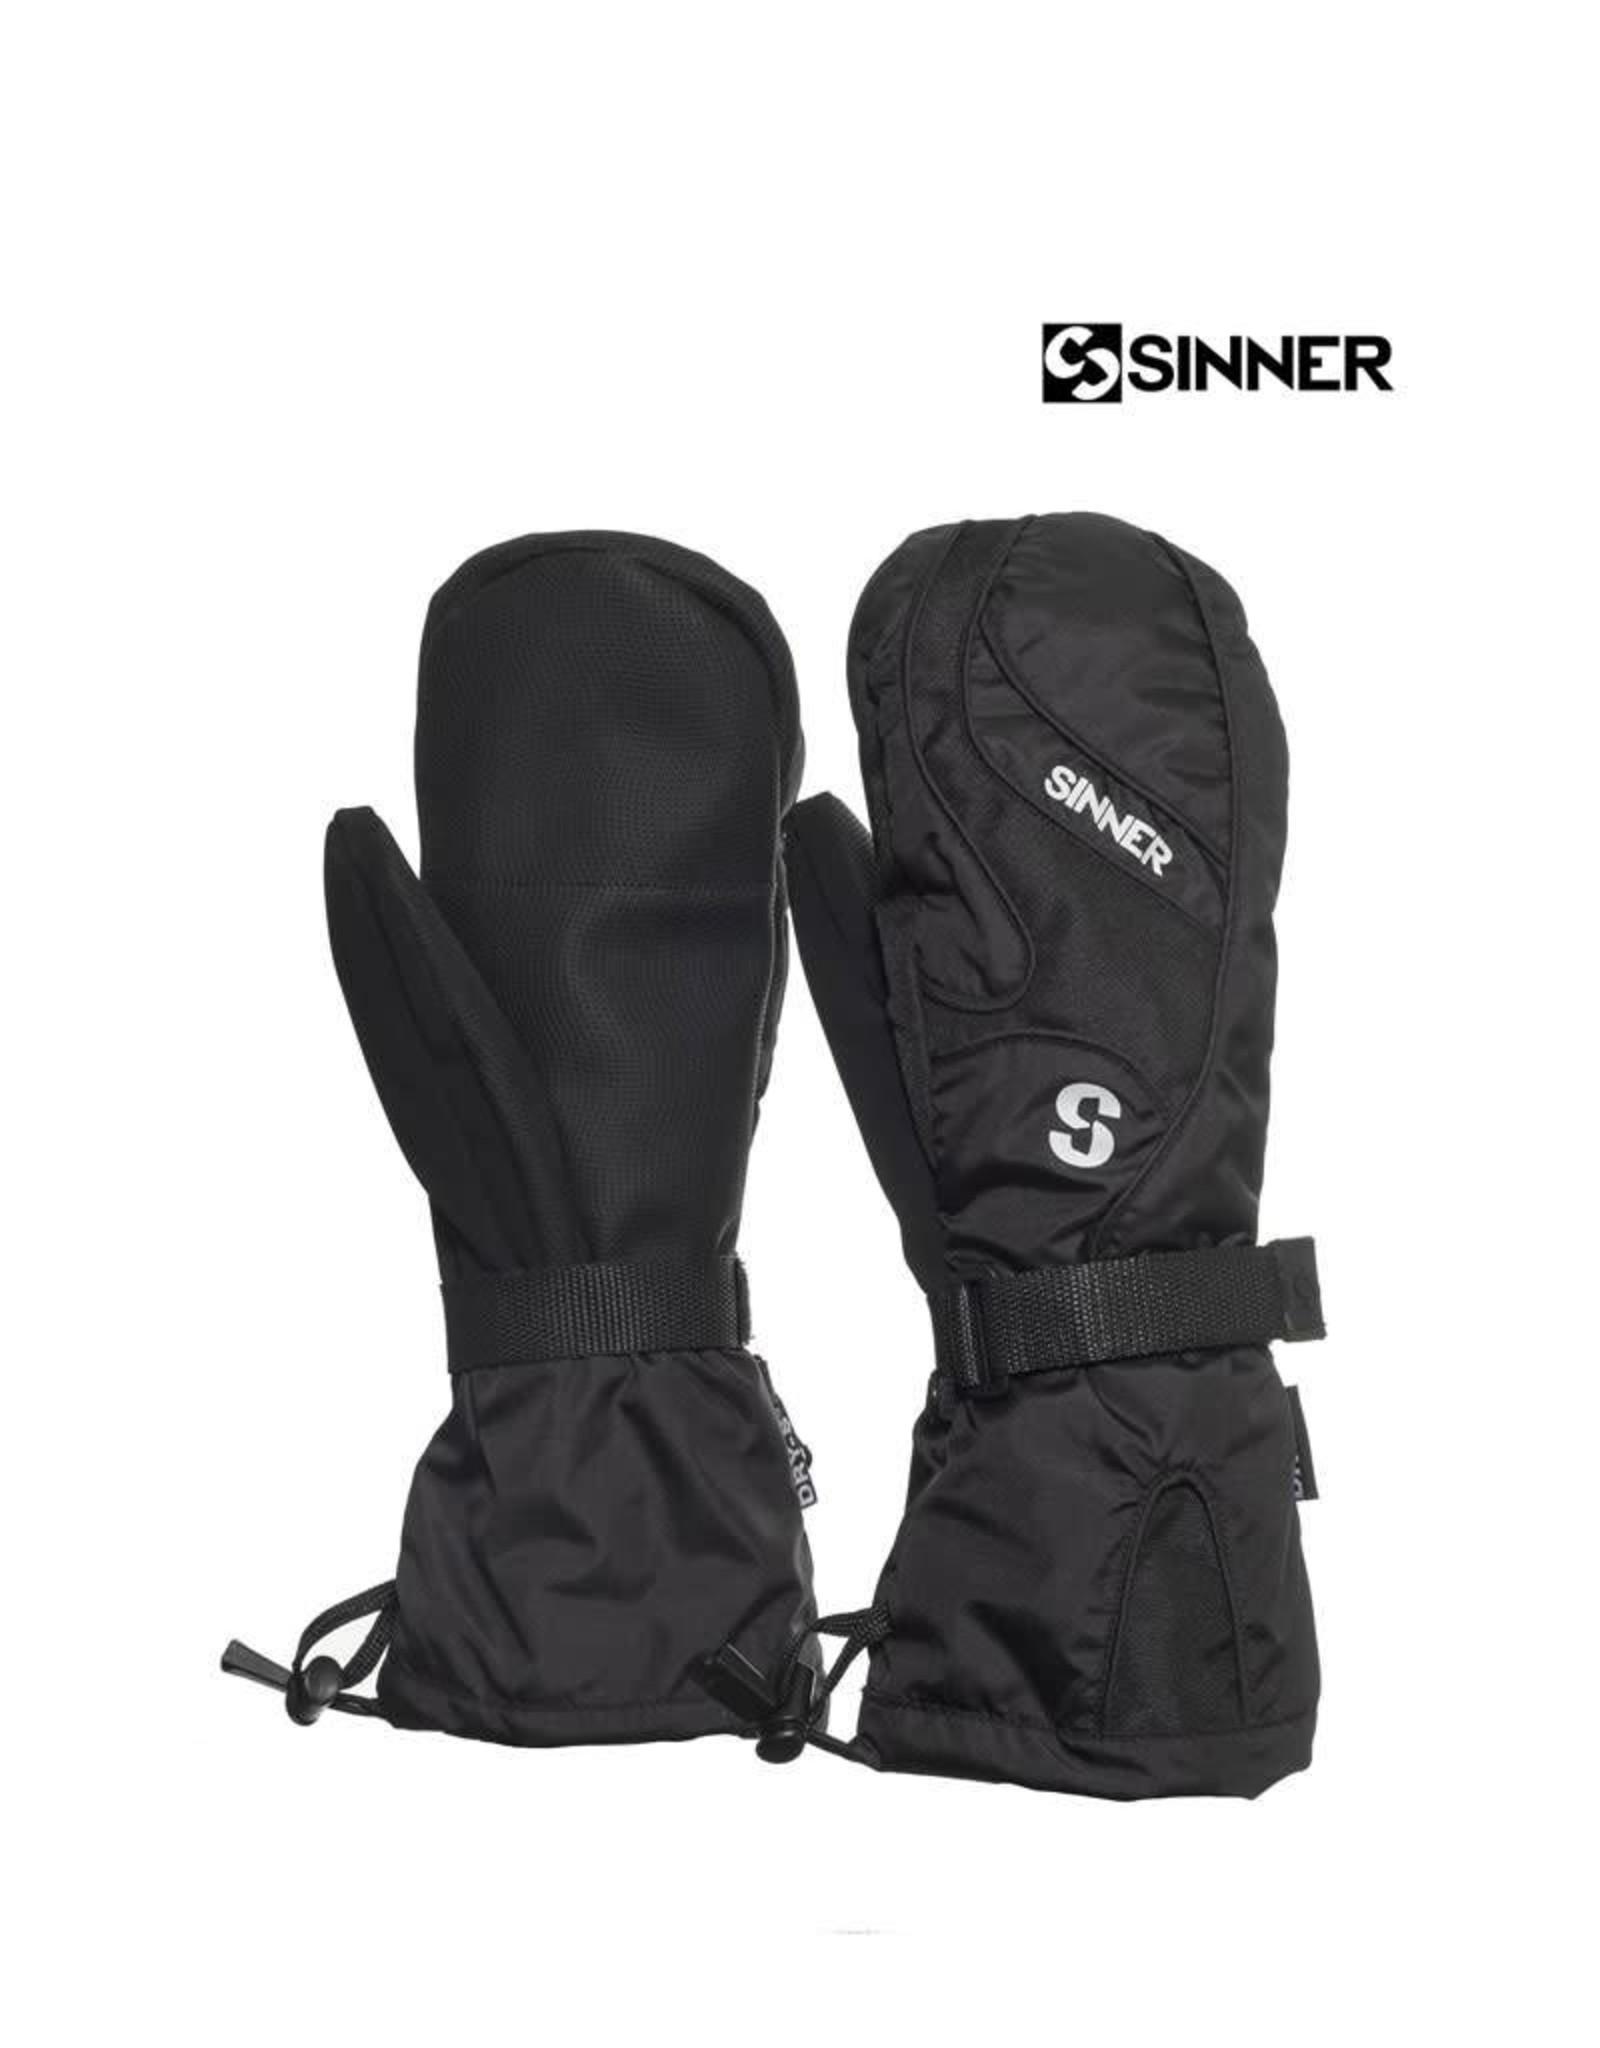 SINNER SINNER WANTEN Everest mitten Black